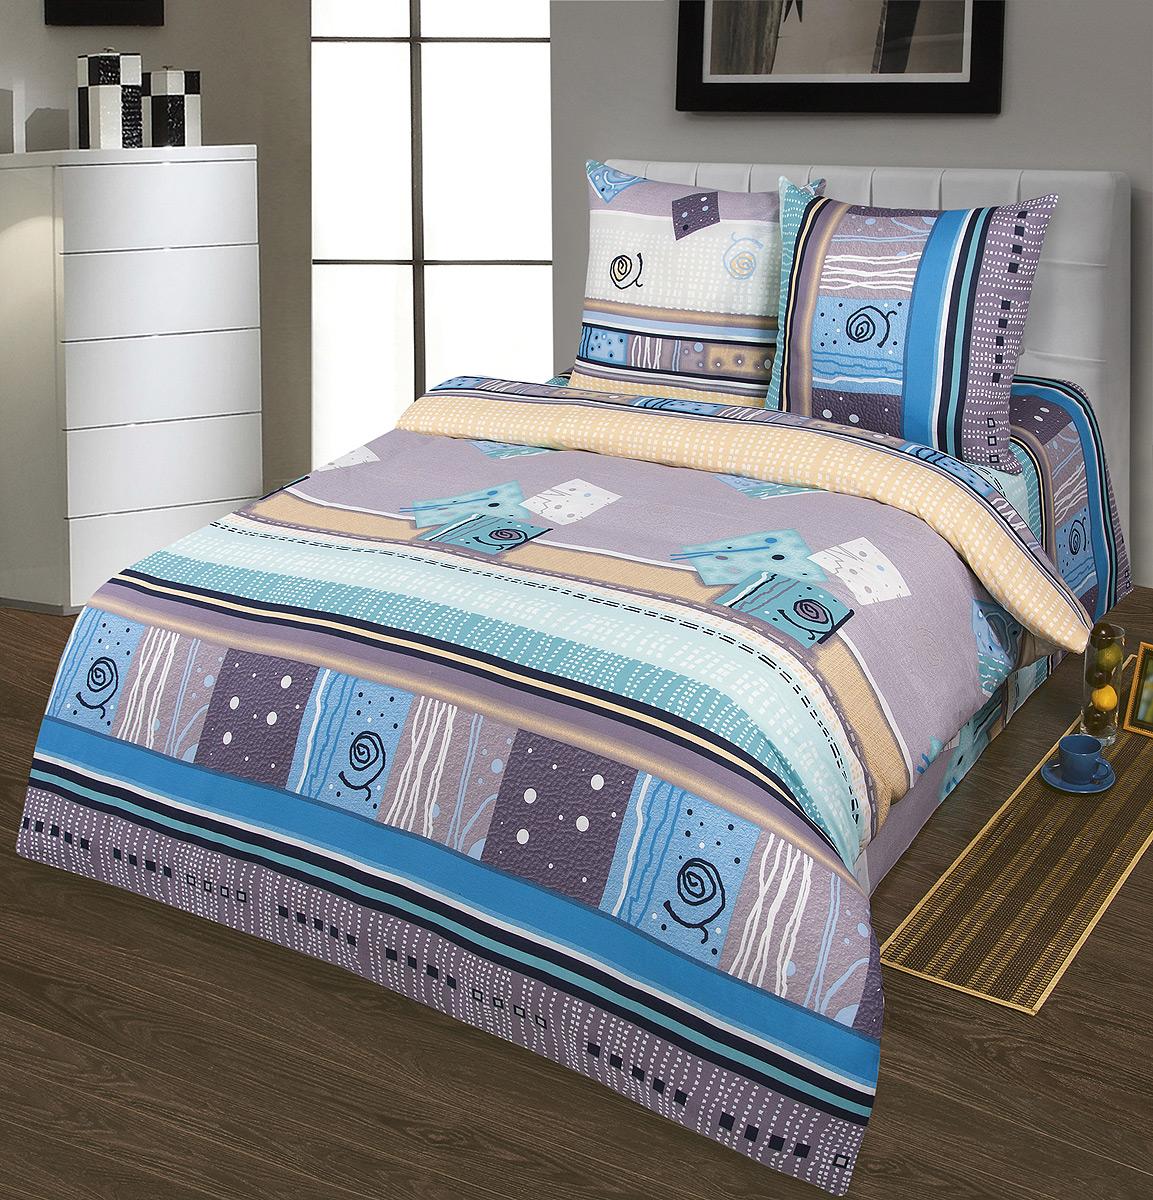 Комплект белья Шоколад Мираж, 1,5-спальный, наволочки 70x70. Б100Б100Комплект постельного белья Шоколад Мираж является экологически безопасным для всей семьи, так как выполнен из натурального хлопка. Комплект состоит из пододеяльника, простыни и двух наволочек. Постельное белье оформлено оригинальным рисунком и имеет изысканный внешний вид.Бязь - это ткань полотняного переплетения, изготовленная из экологически чистого и натурального 100% хлопка. Она прочная, мягкая, обладает низкой сминаемостью, легко стирается и хорошо гладится. Бязь прекрасно пропускает воздух и за ней легко ухаживать. При соблюдении рекомендуемых условий стирки, сушки и глажения ткань имеет усадку по ГОСТу, сохранятся яркость текстильных рисунков. Приобретая комплект постельного белья Шоколад Мираж, вы можете быть уверены в том, что покупка доставит вам и вашим близким удовольствие иподарит максимальный комфорт.